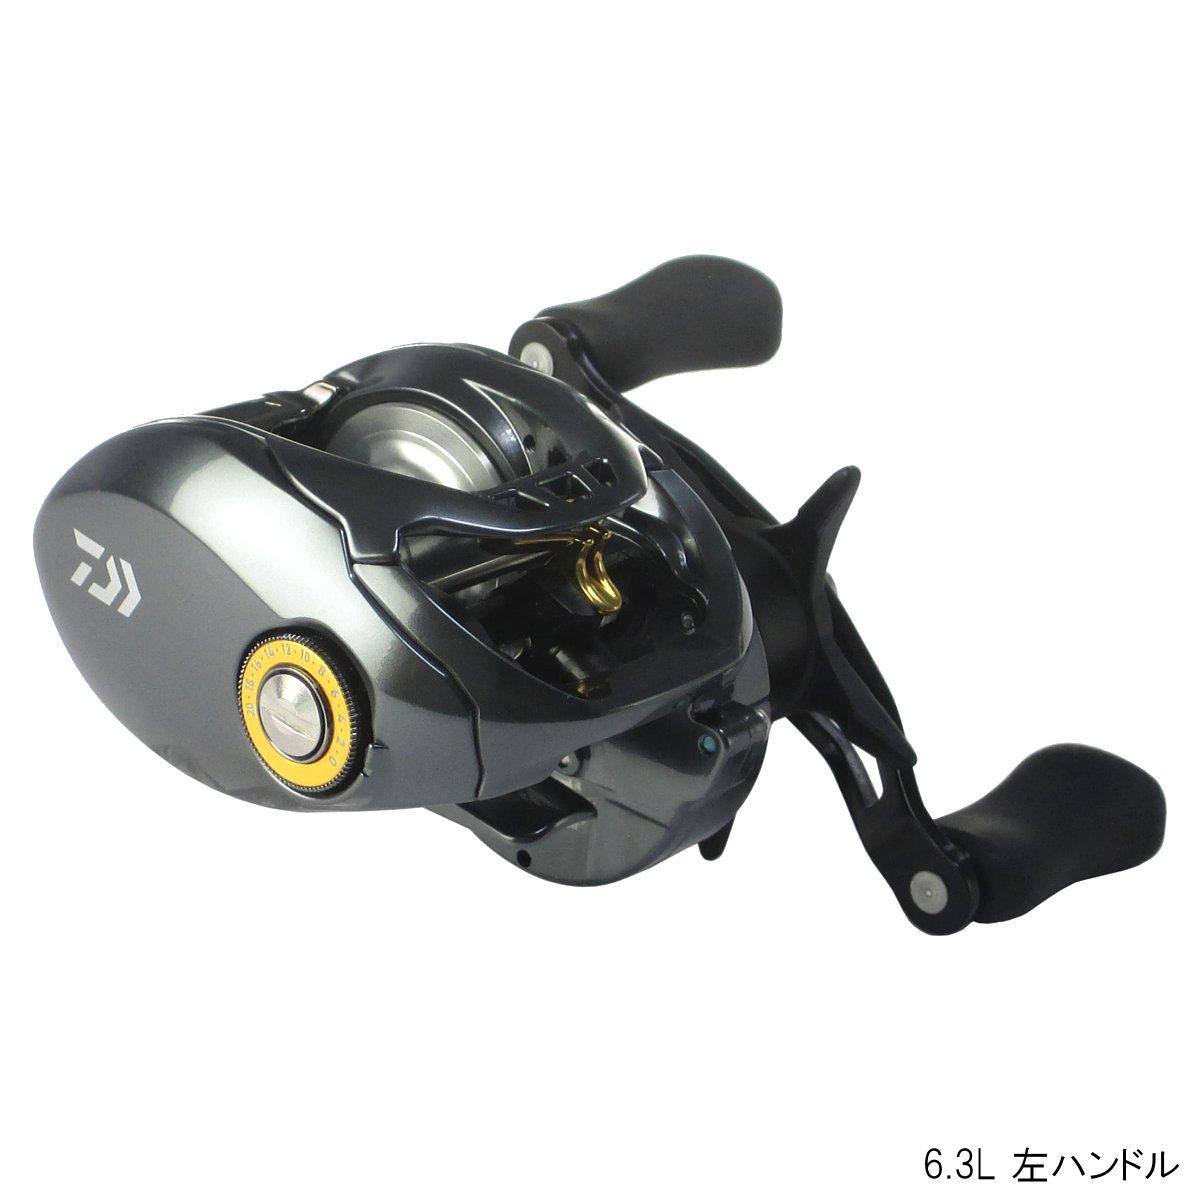 ダイワ タトゥーラ SV TW 6.3L 左ハンドル【送料無料】